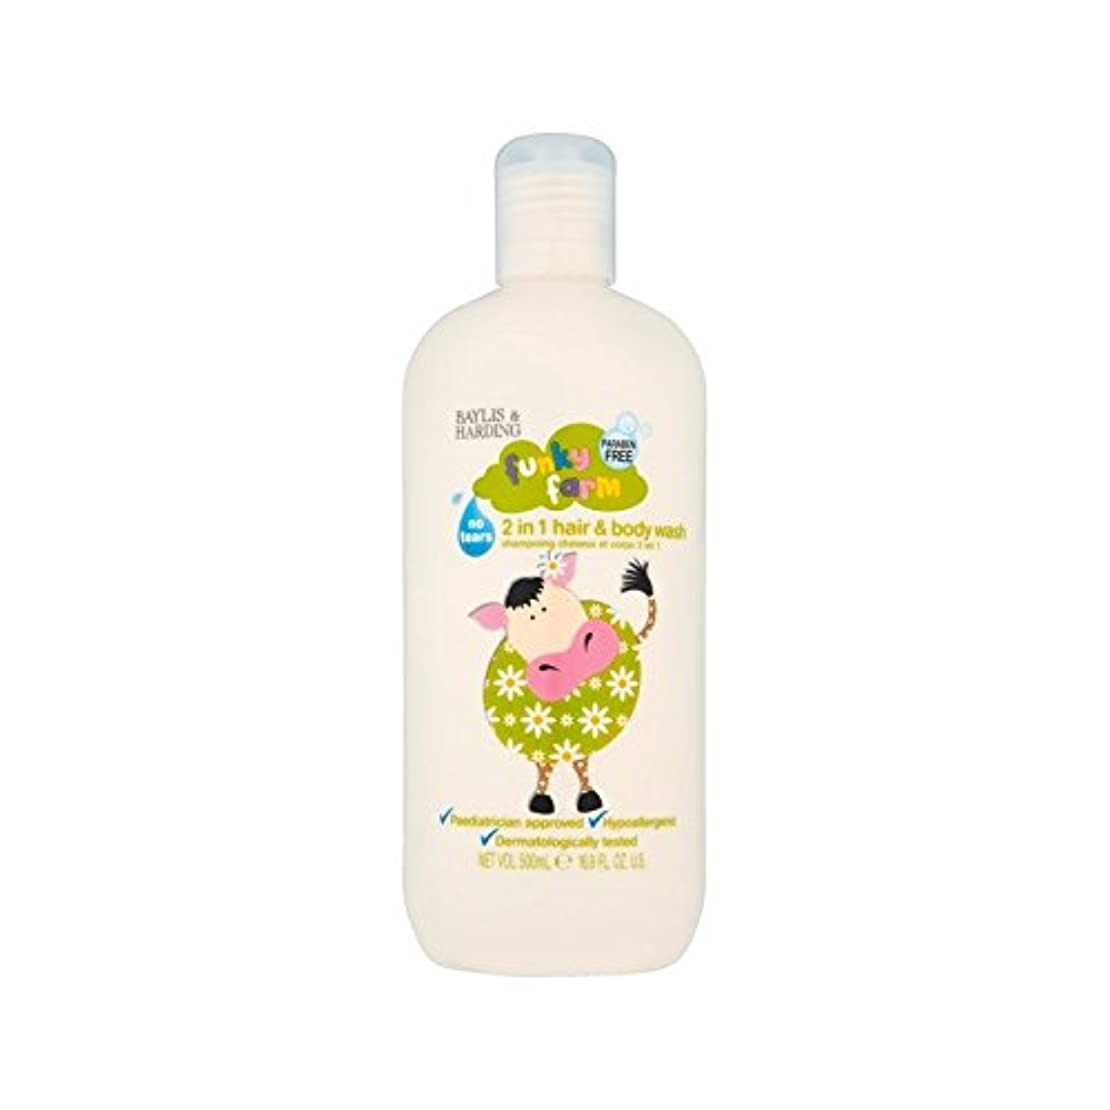 マラソン家事をする訪問ファンキーファームのヘア&ボディウォッシュ500ミリリットル (Baylis & Harding) (x 4) - Baylis & Harding Funky Farm Hair & Body Wash 500ml (Pack of 4) [並行輸入品]